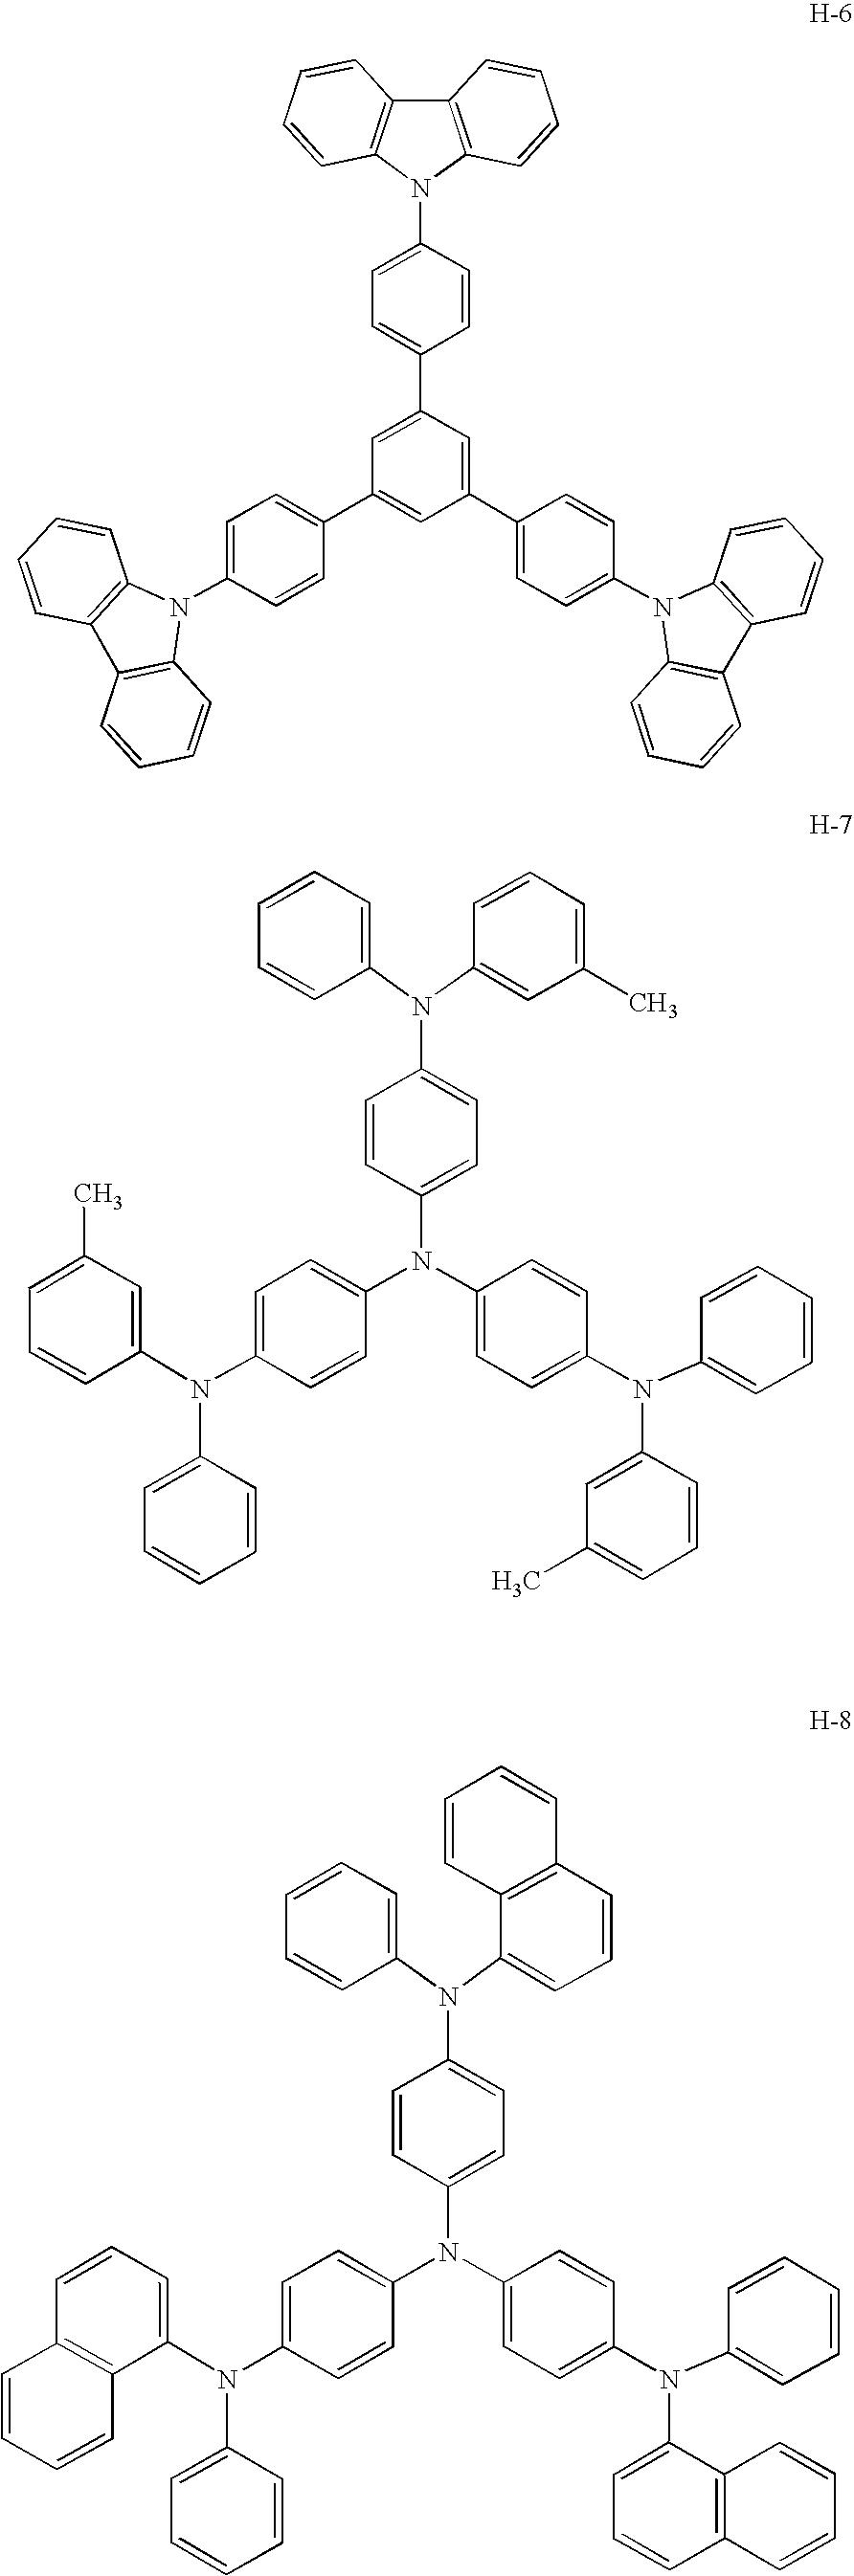 Figure US20060194076A1-20060831-C00006